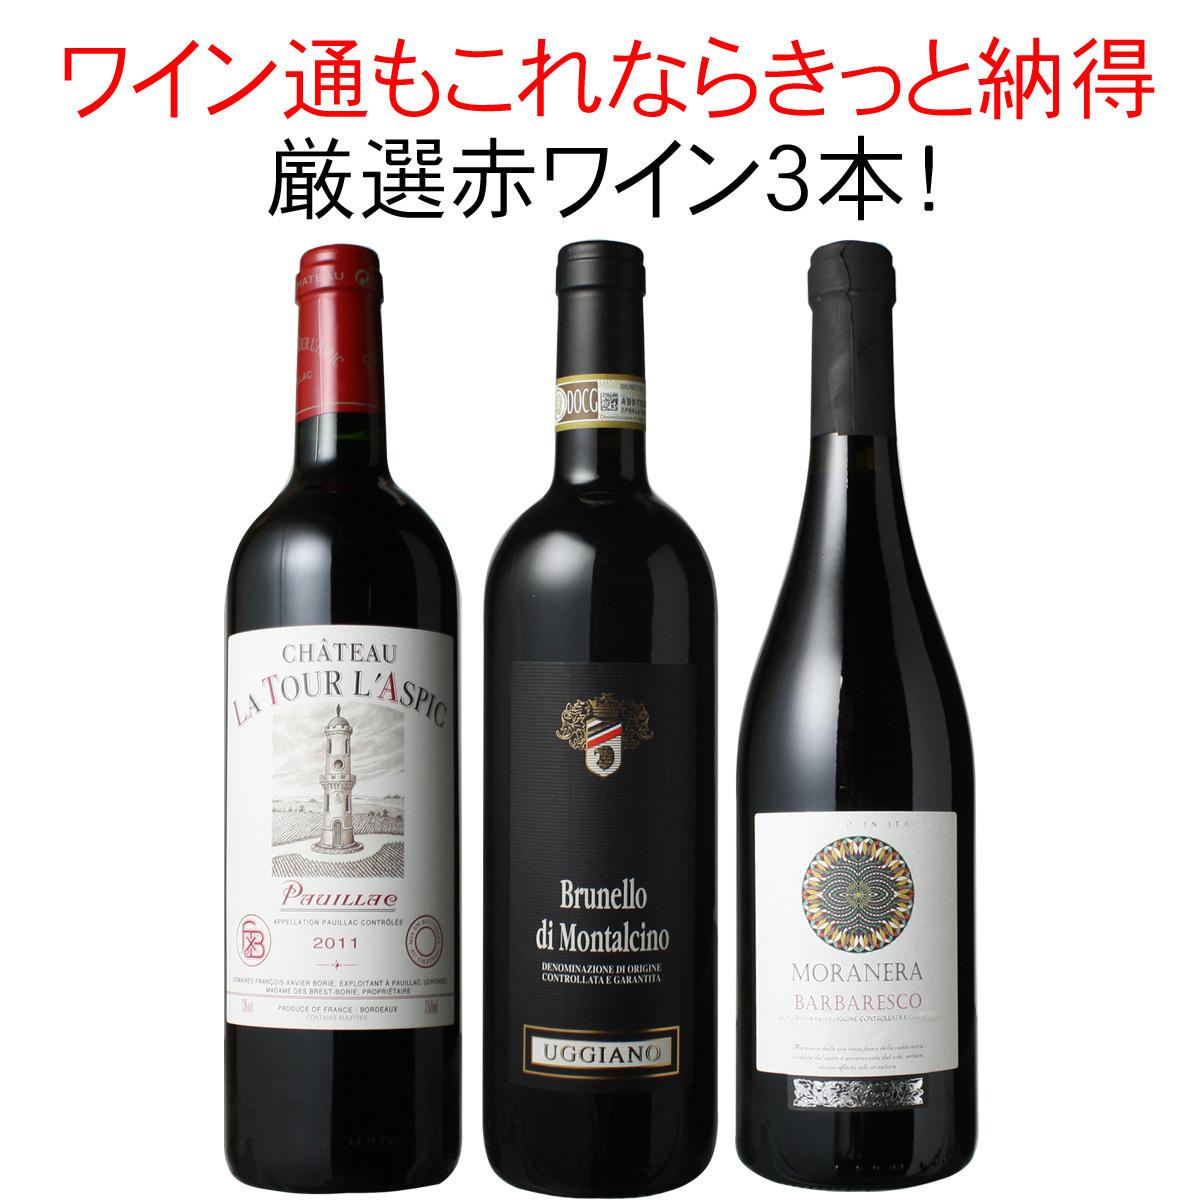 【送料無料】ワインセット 厳選 赤ワイン 3本 セット ブルゴーニュ ボルドー スペイン ワイン通の方もきっと納得赤 家飲み 御祝 誕生日 母の日 ギフト プレゼント 第19弾